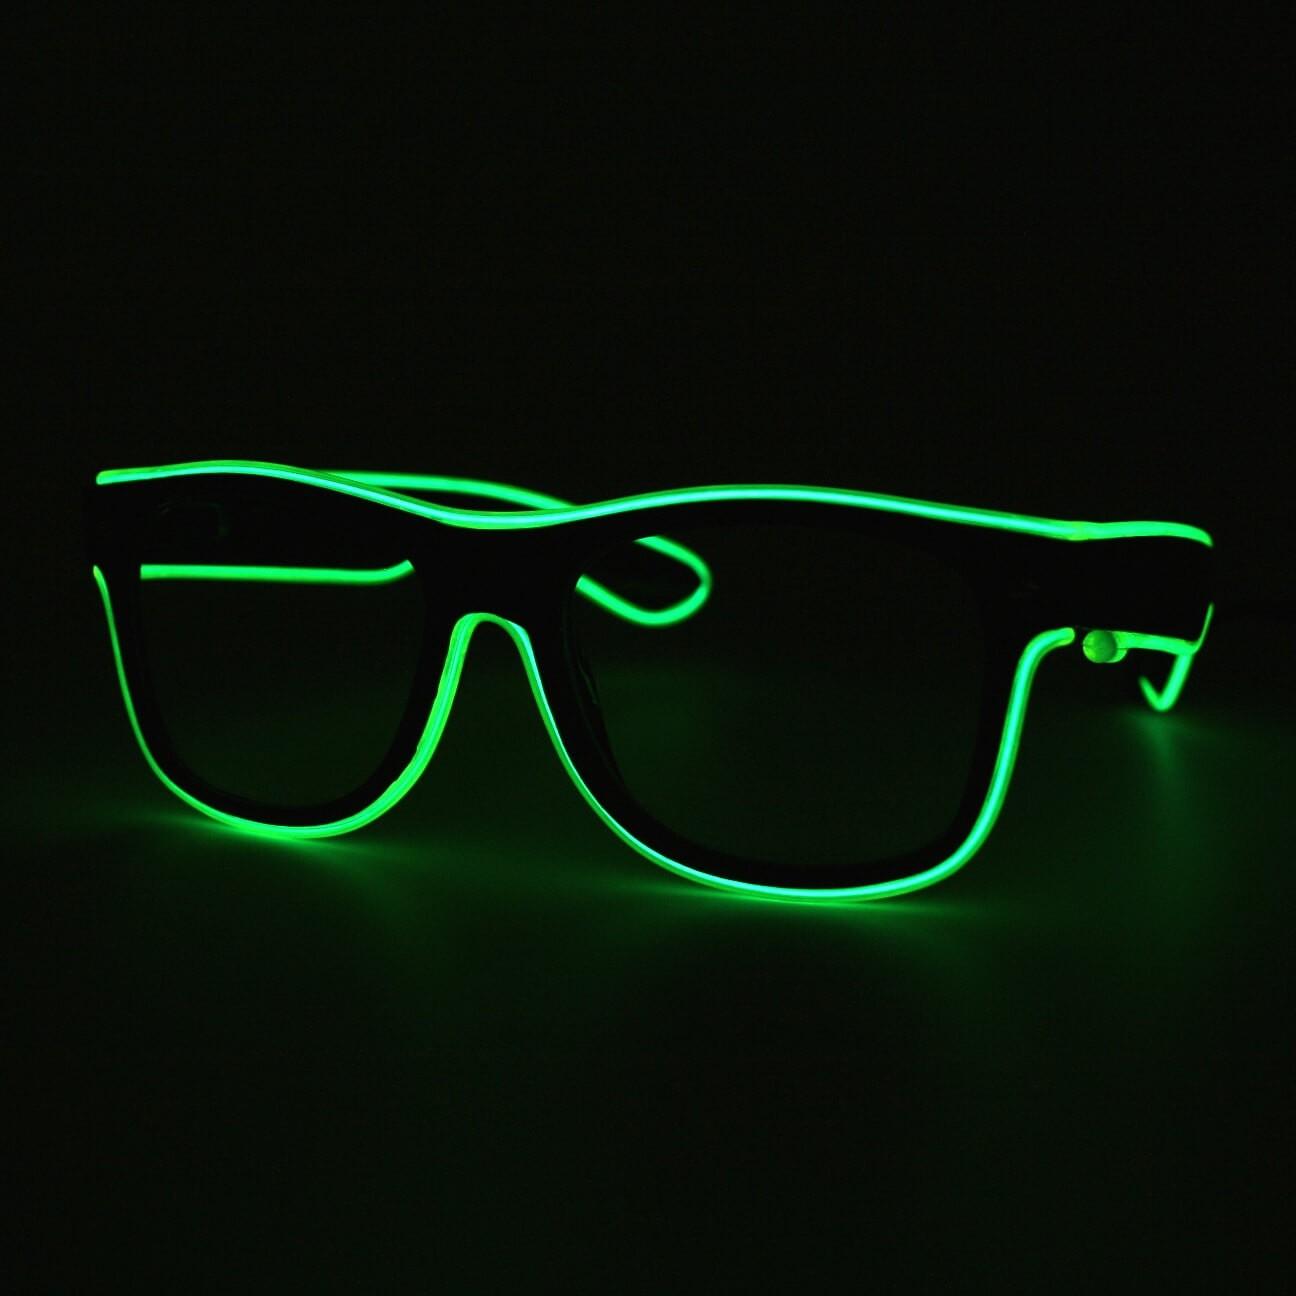 LED Neon Glasses Light Green Transparent Glasses